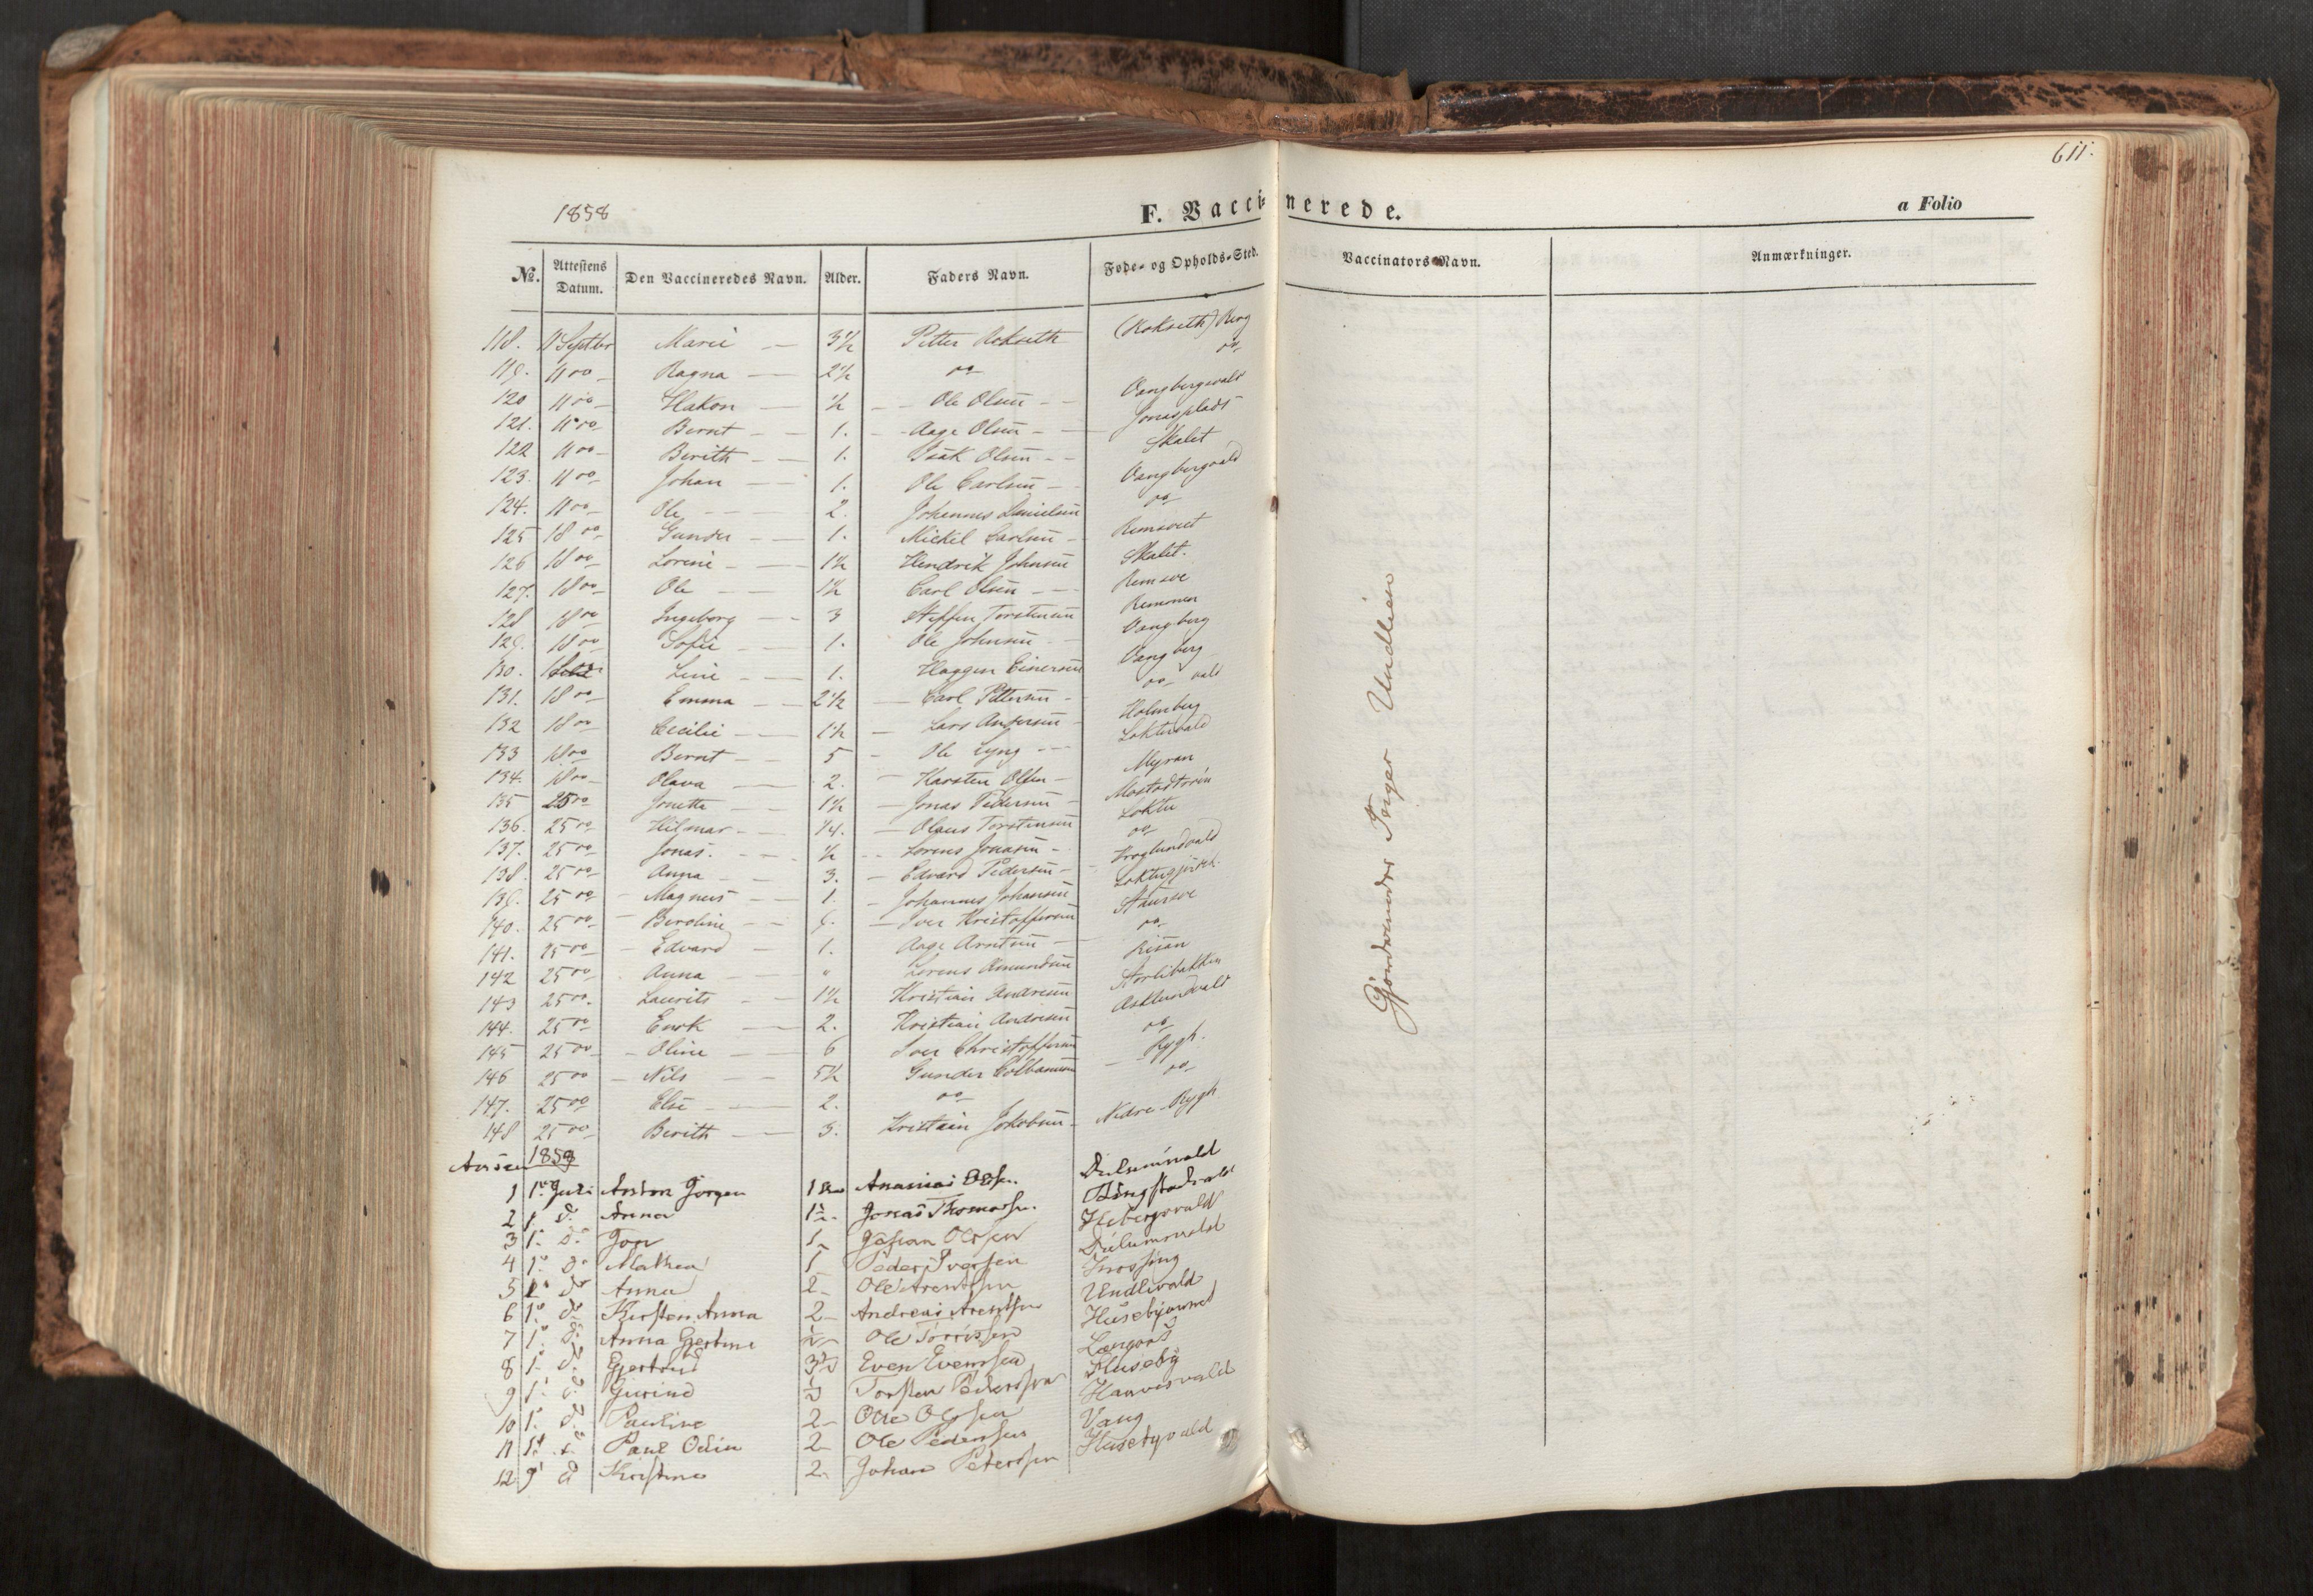 SAT, Ministerialprotokoller, klokkerbøker og fødselsregistre - Nord-Trøndelag, 713/L0116: Ministerialbok nr. 713A07, 1850-1877, s. 611